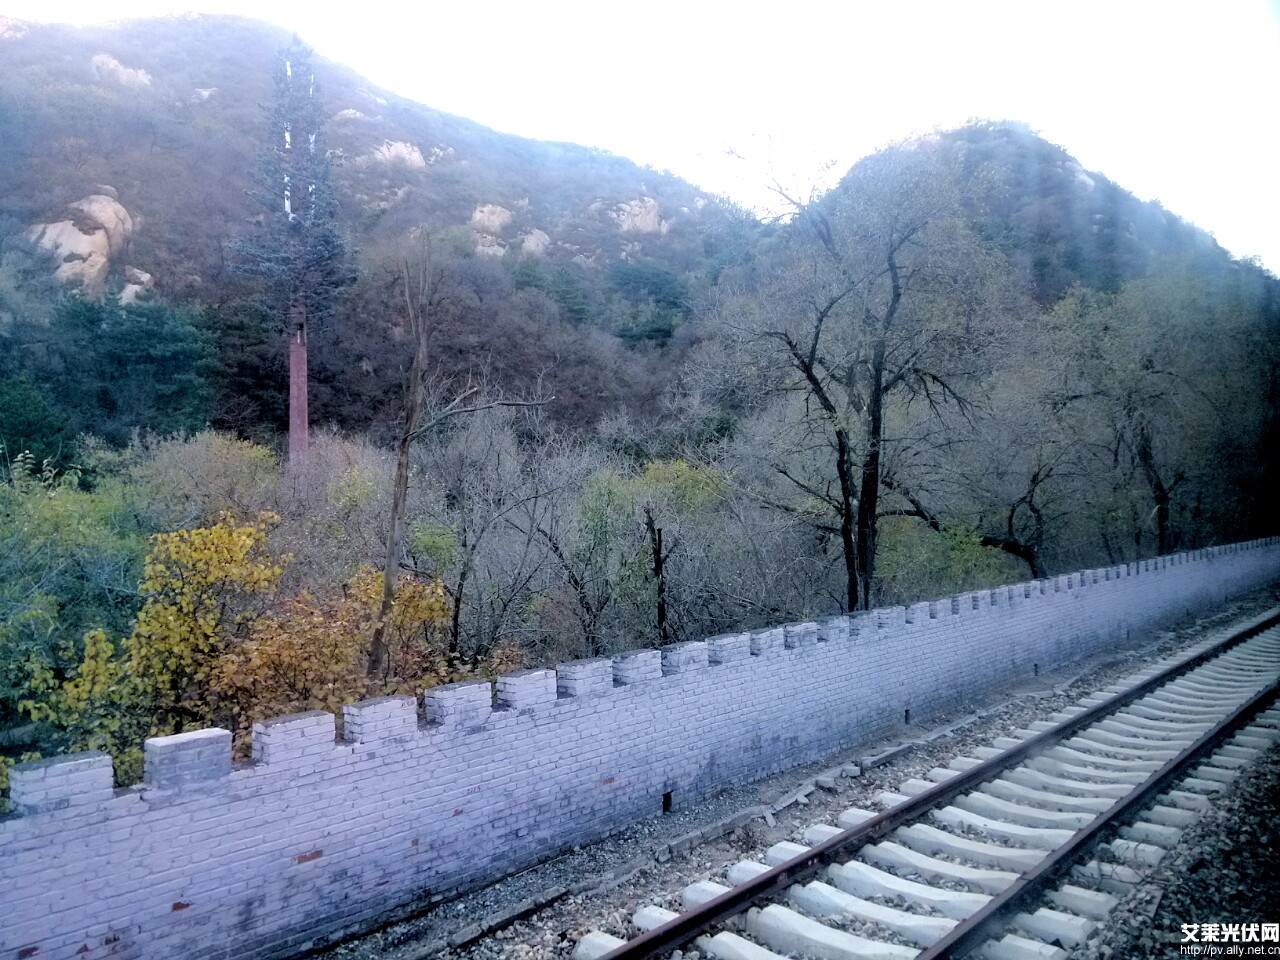 京张铁路青龙桥西站风景